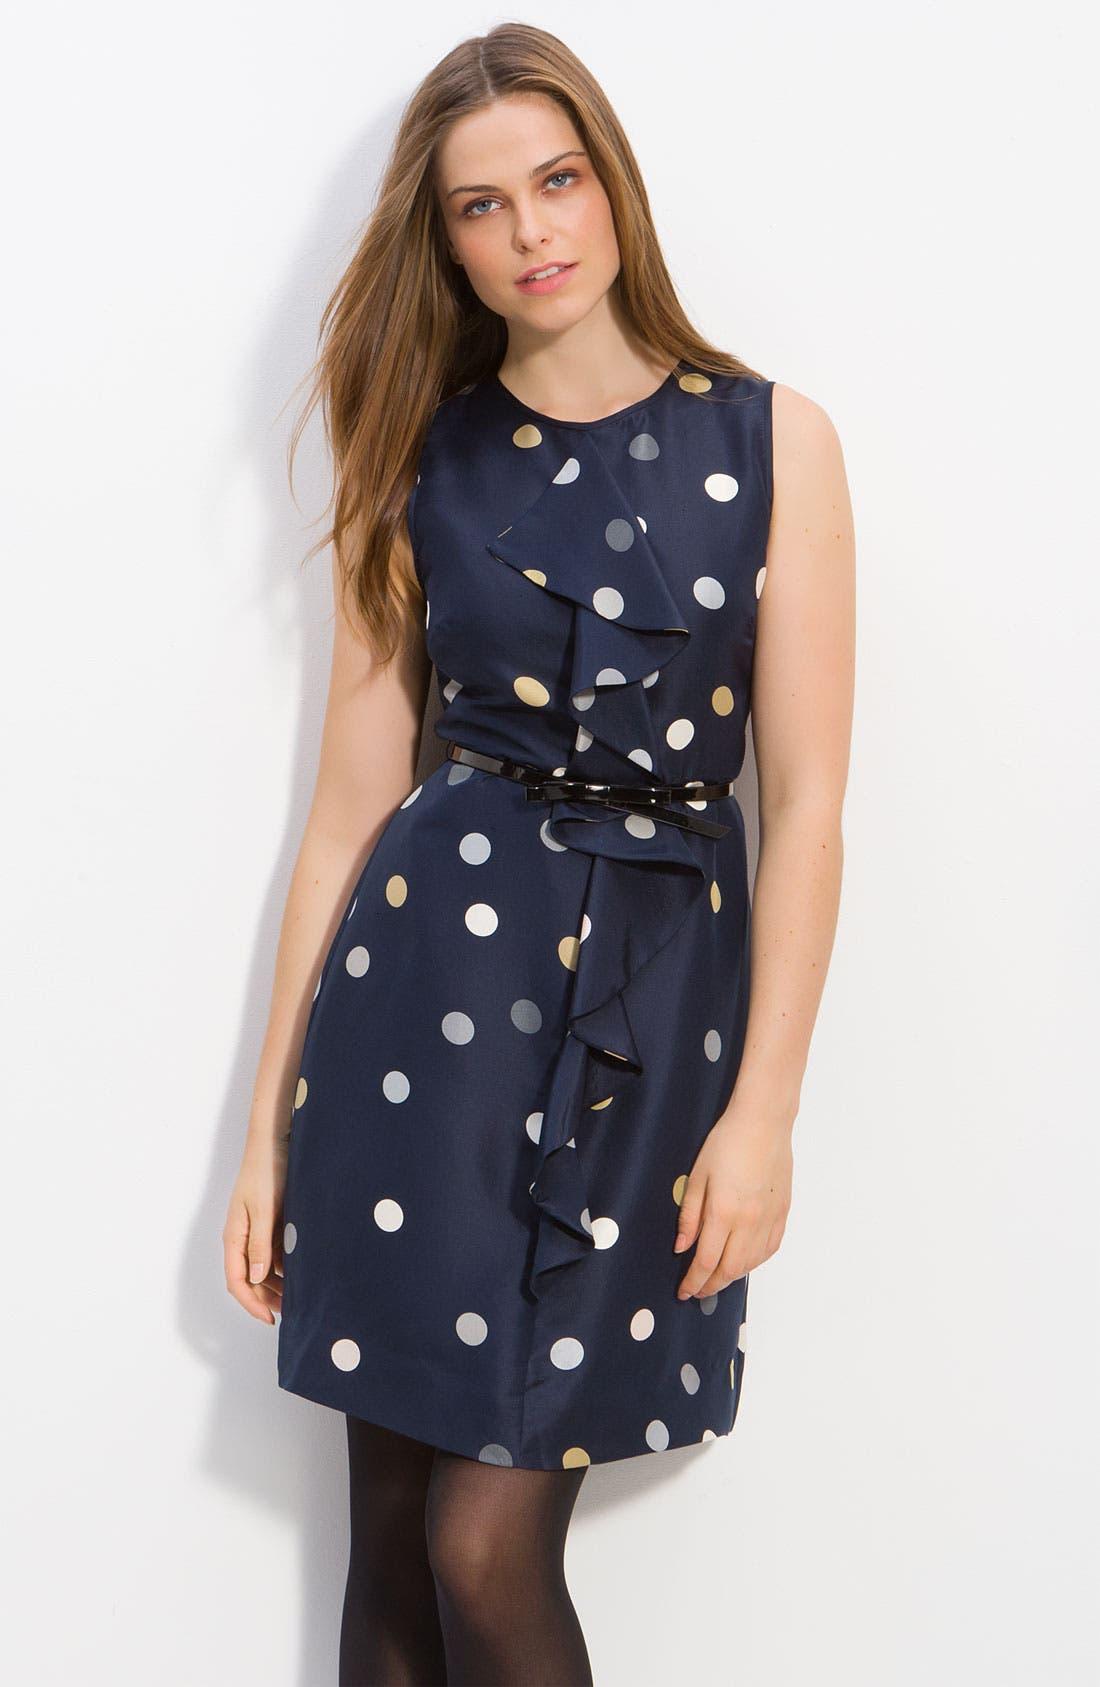 Main Image - kate spade new york 'bailey' polka dot ruffle dress